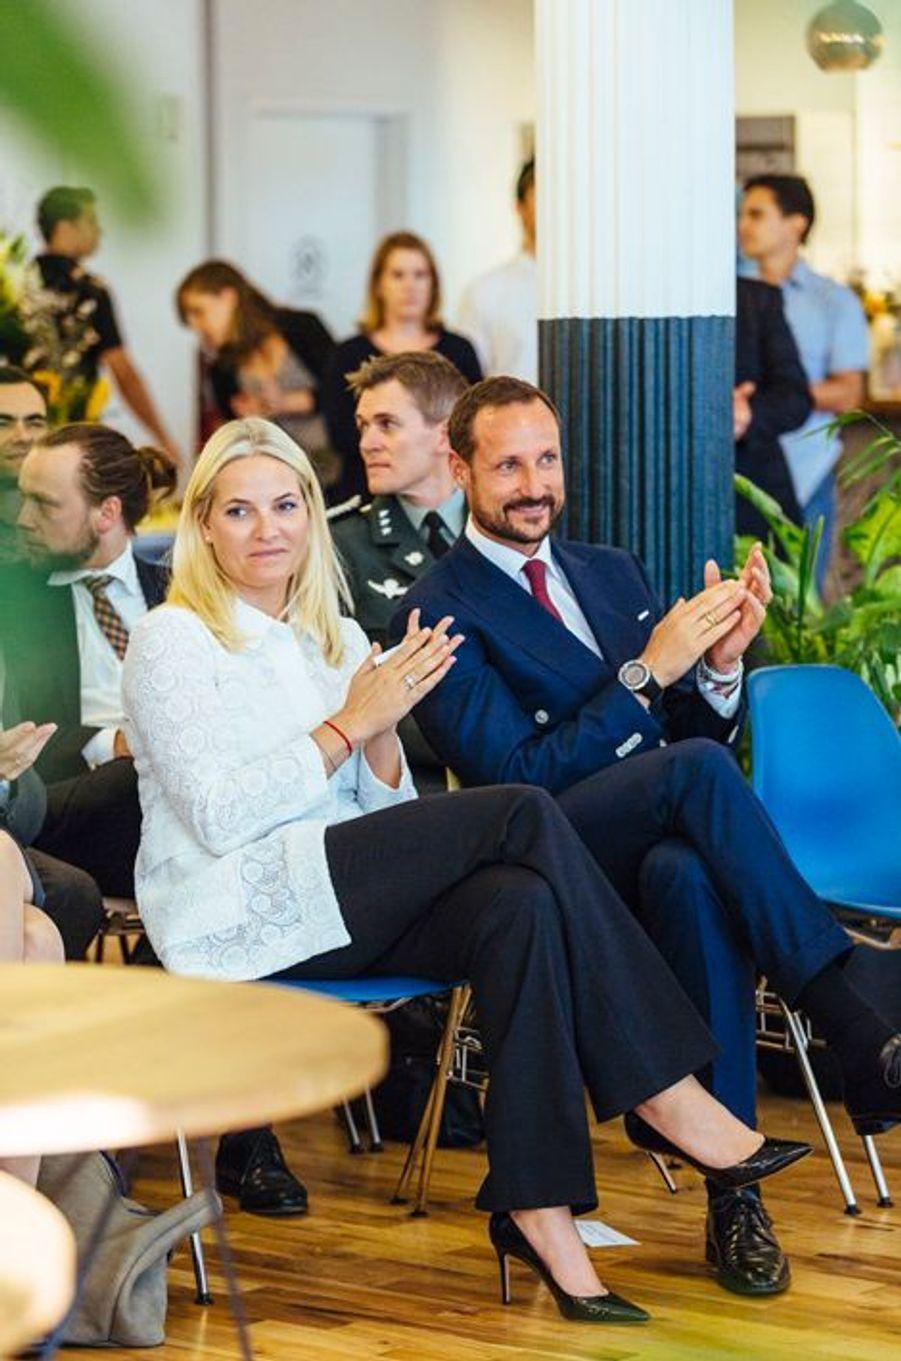 La princesse Mette-Marit et le prince Haakon de Norvège à New York, le 8 octobre 2015